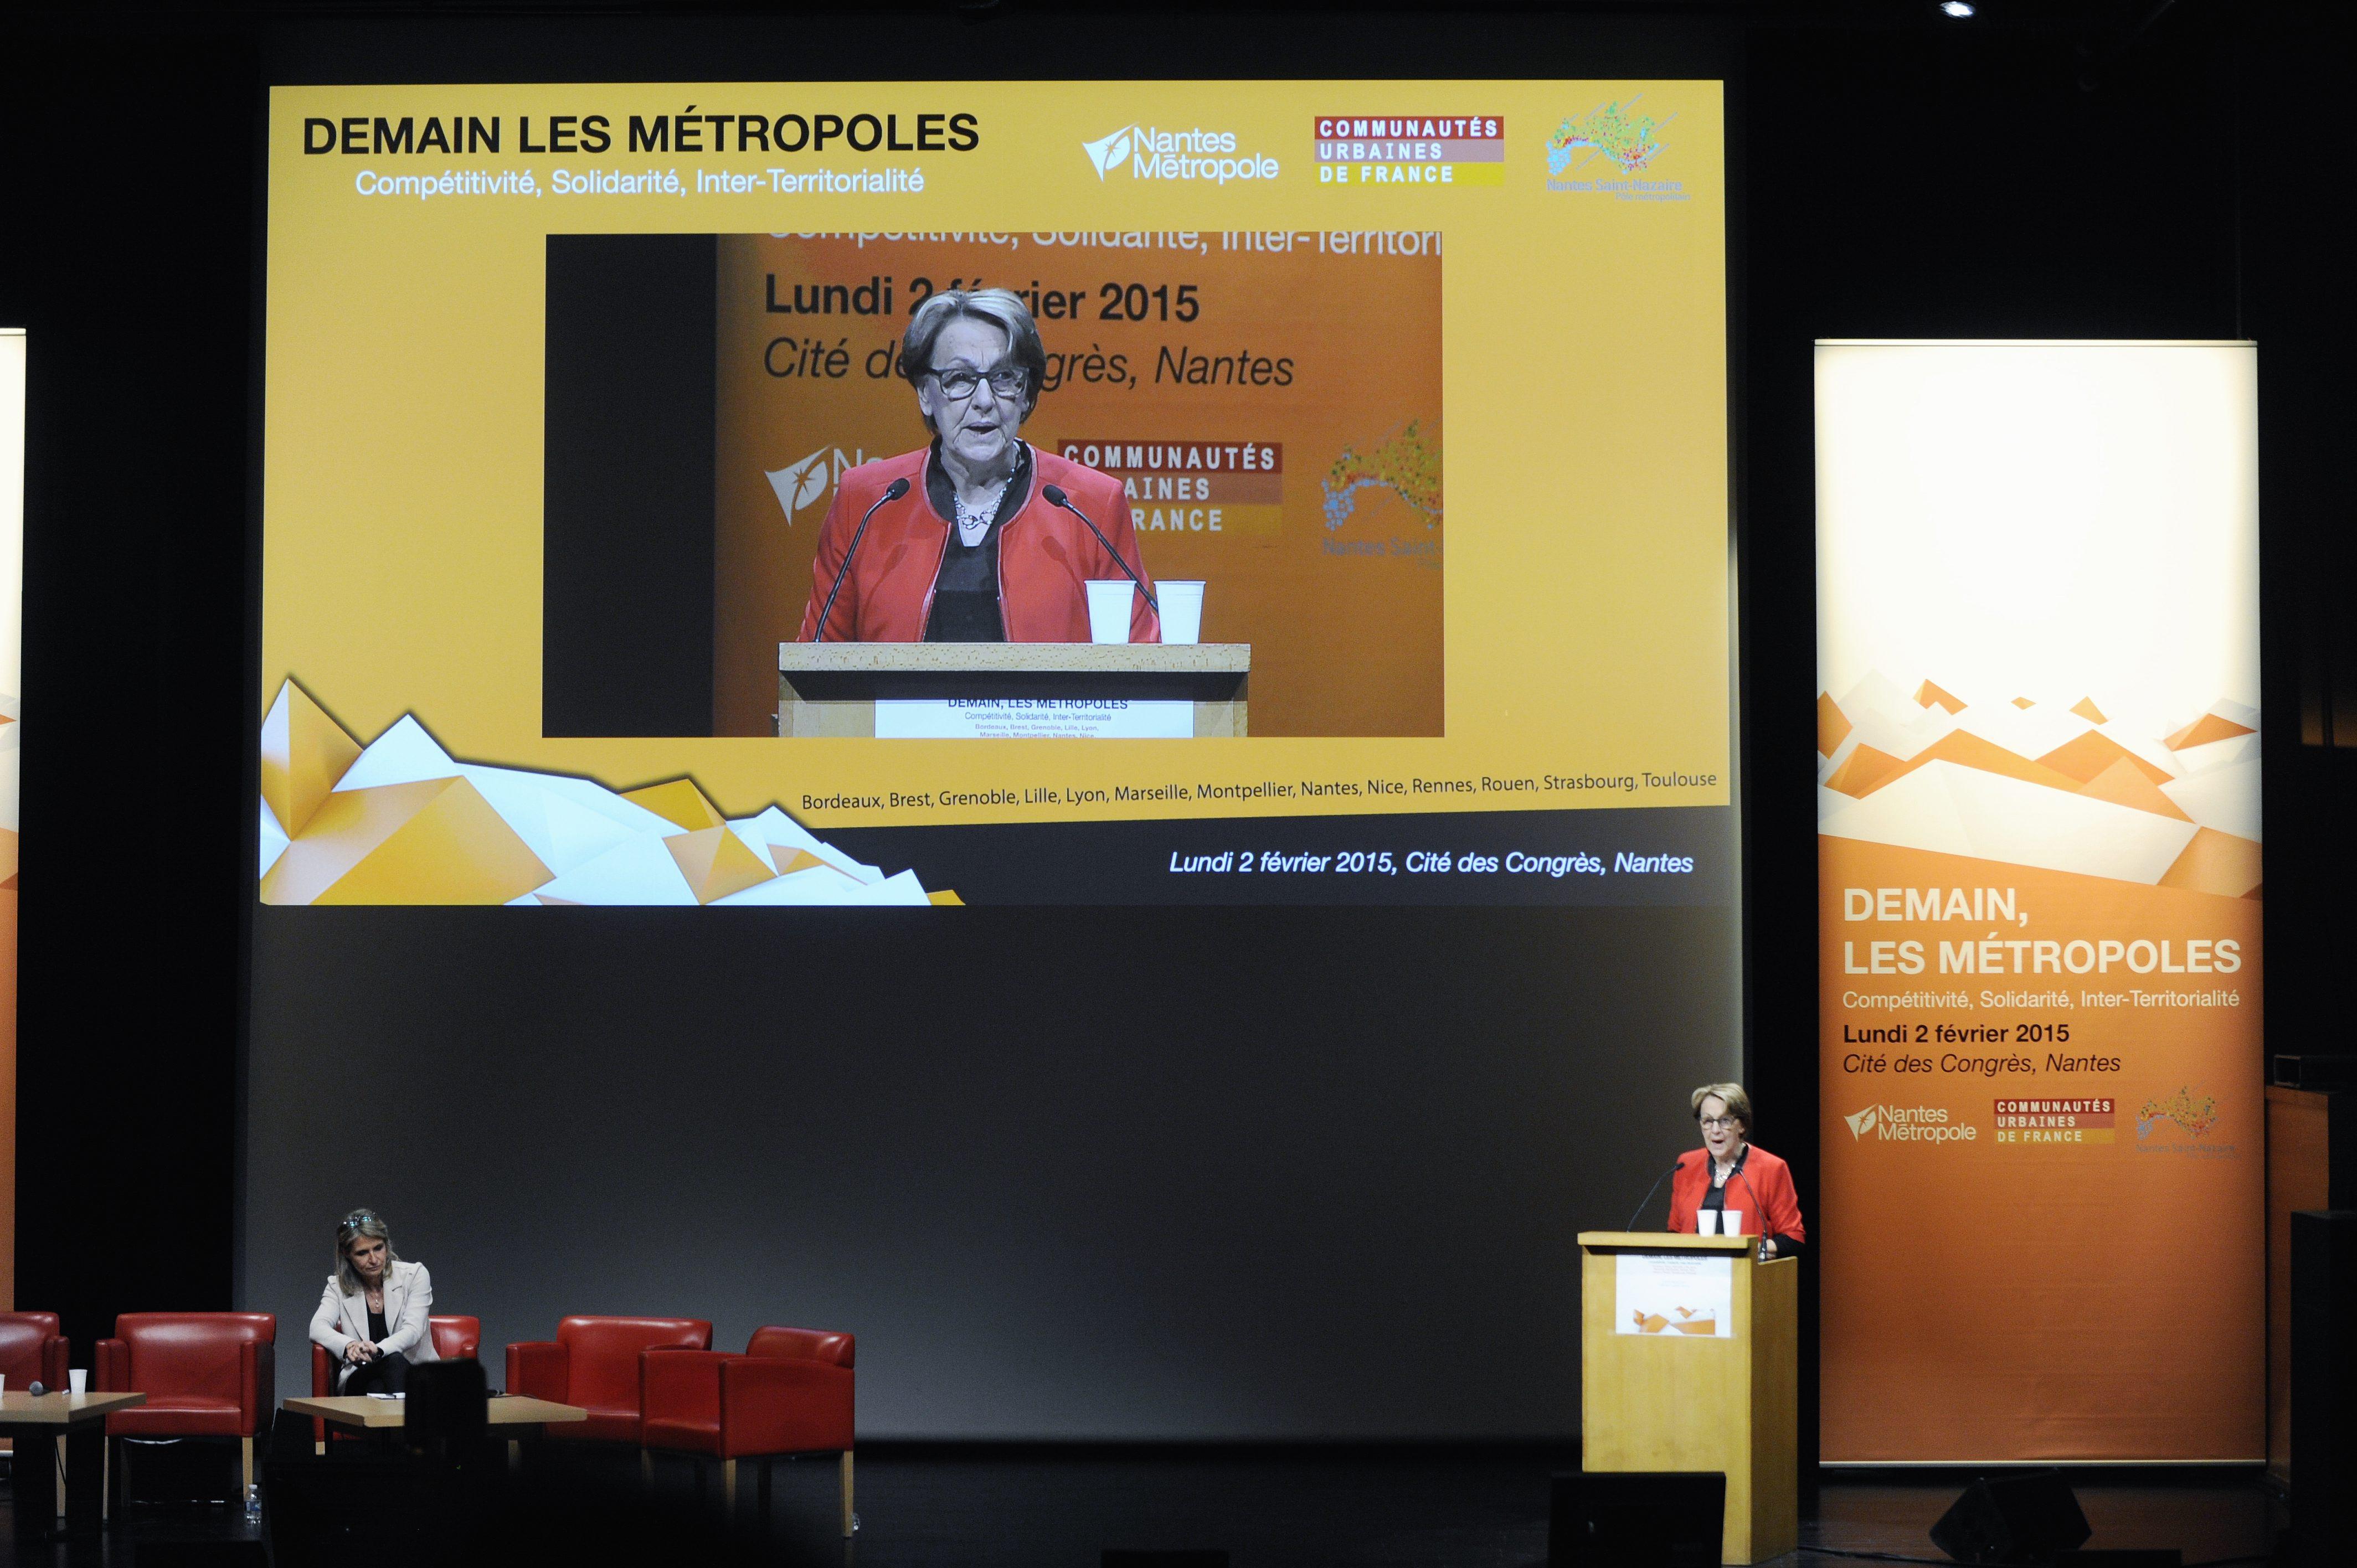 Crédit photo : Patrick Garçon/Nantes Métropole